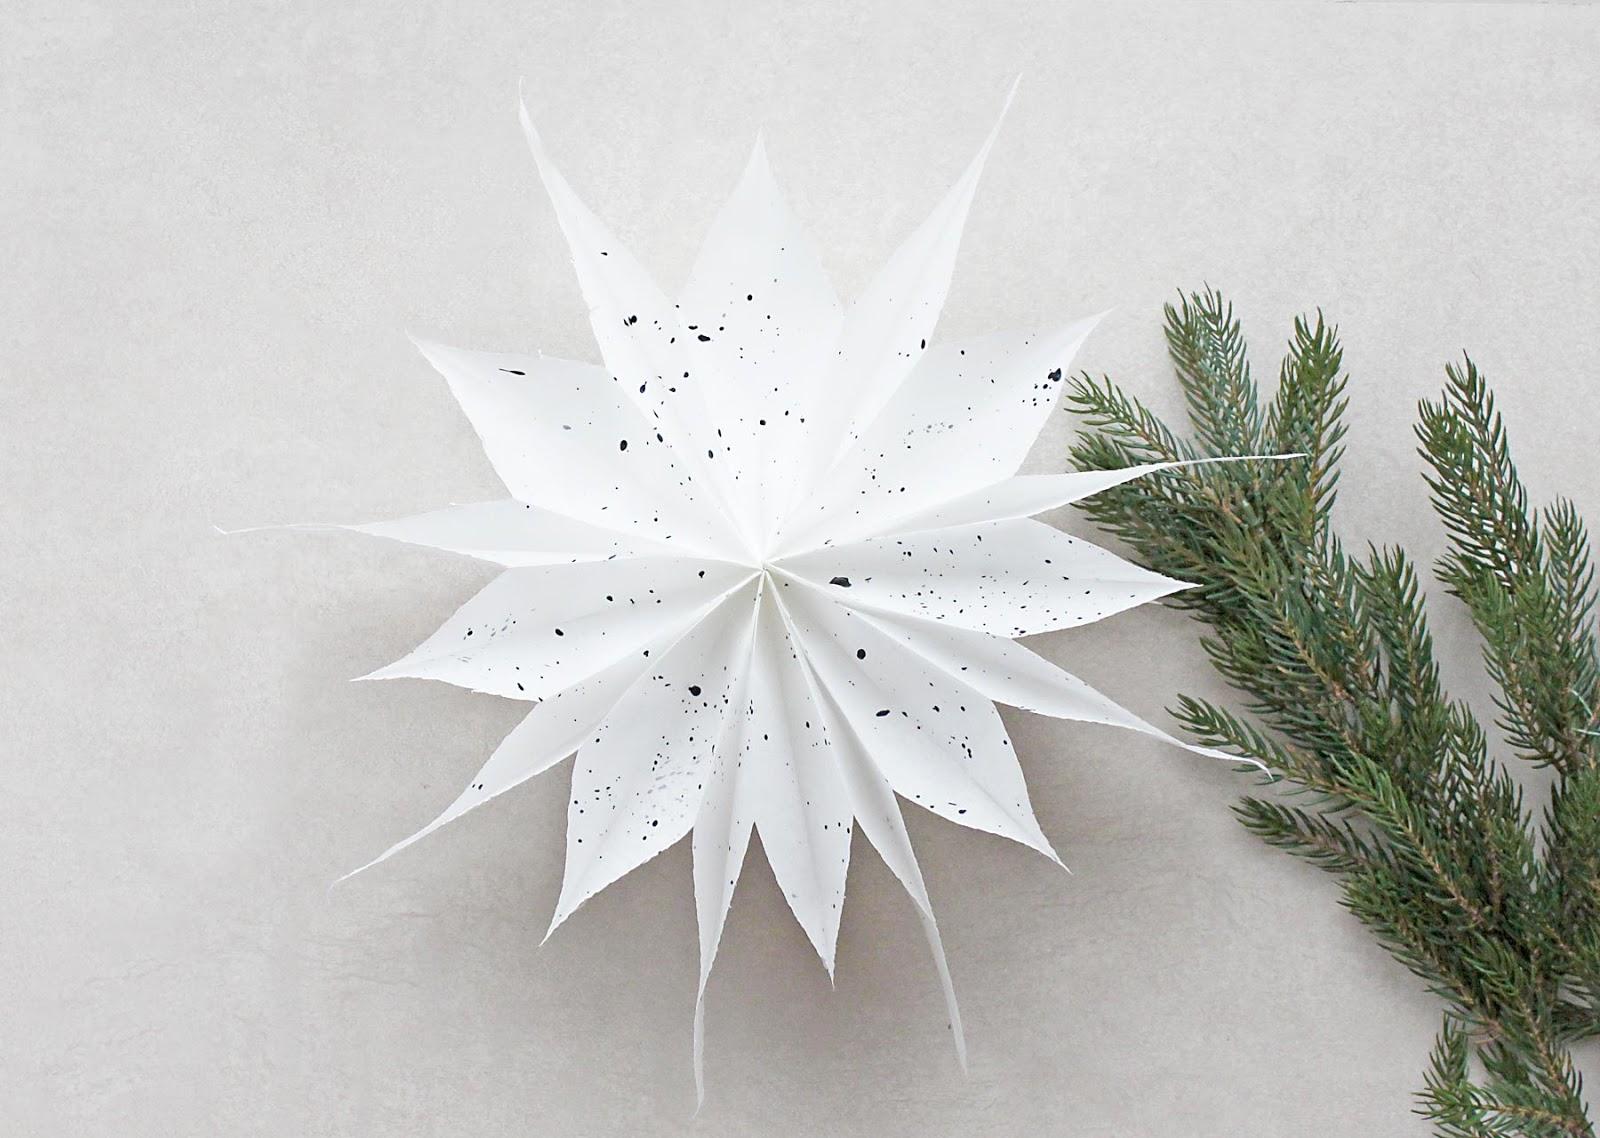 einfache DIY Weihnachssterne aus Butterbrottüten basteln